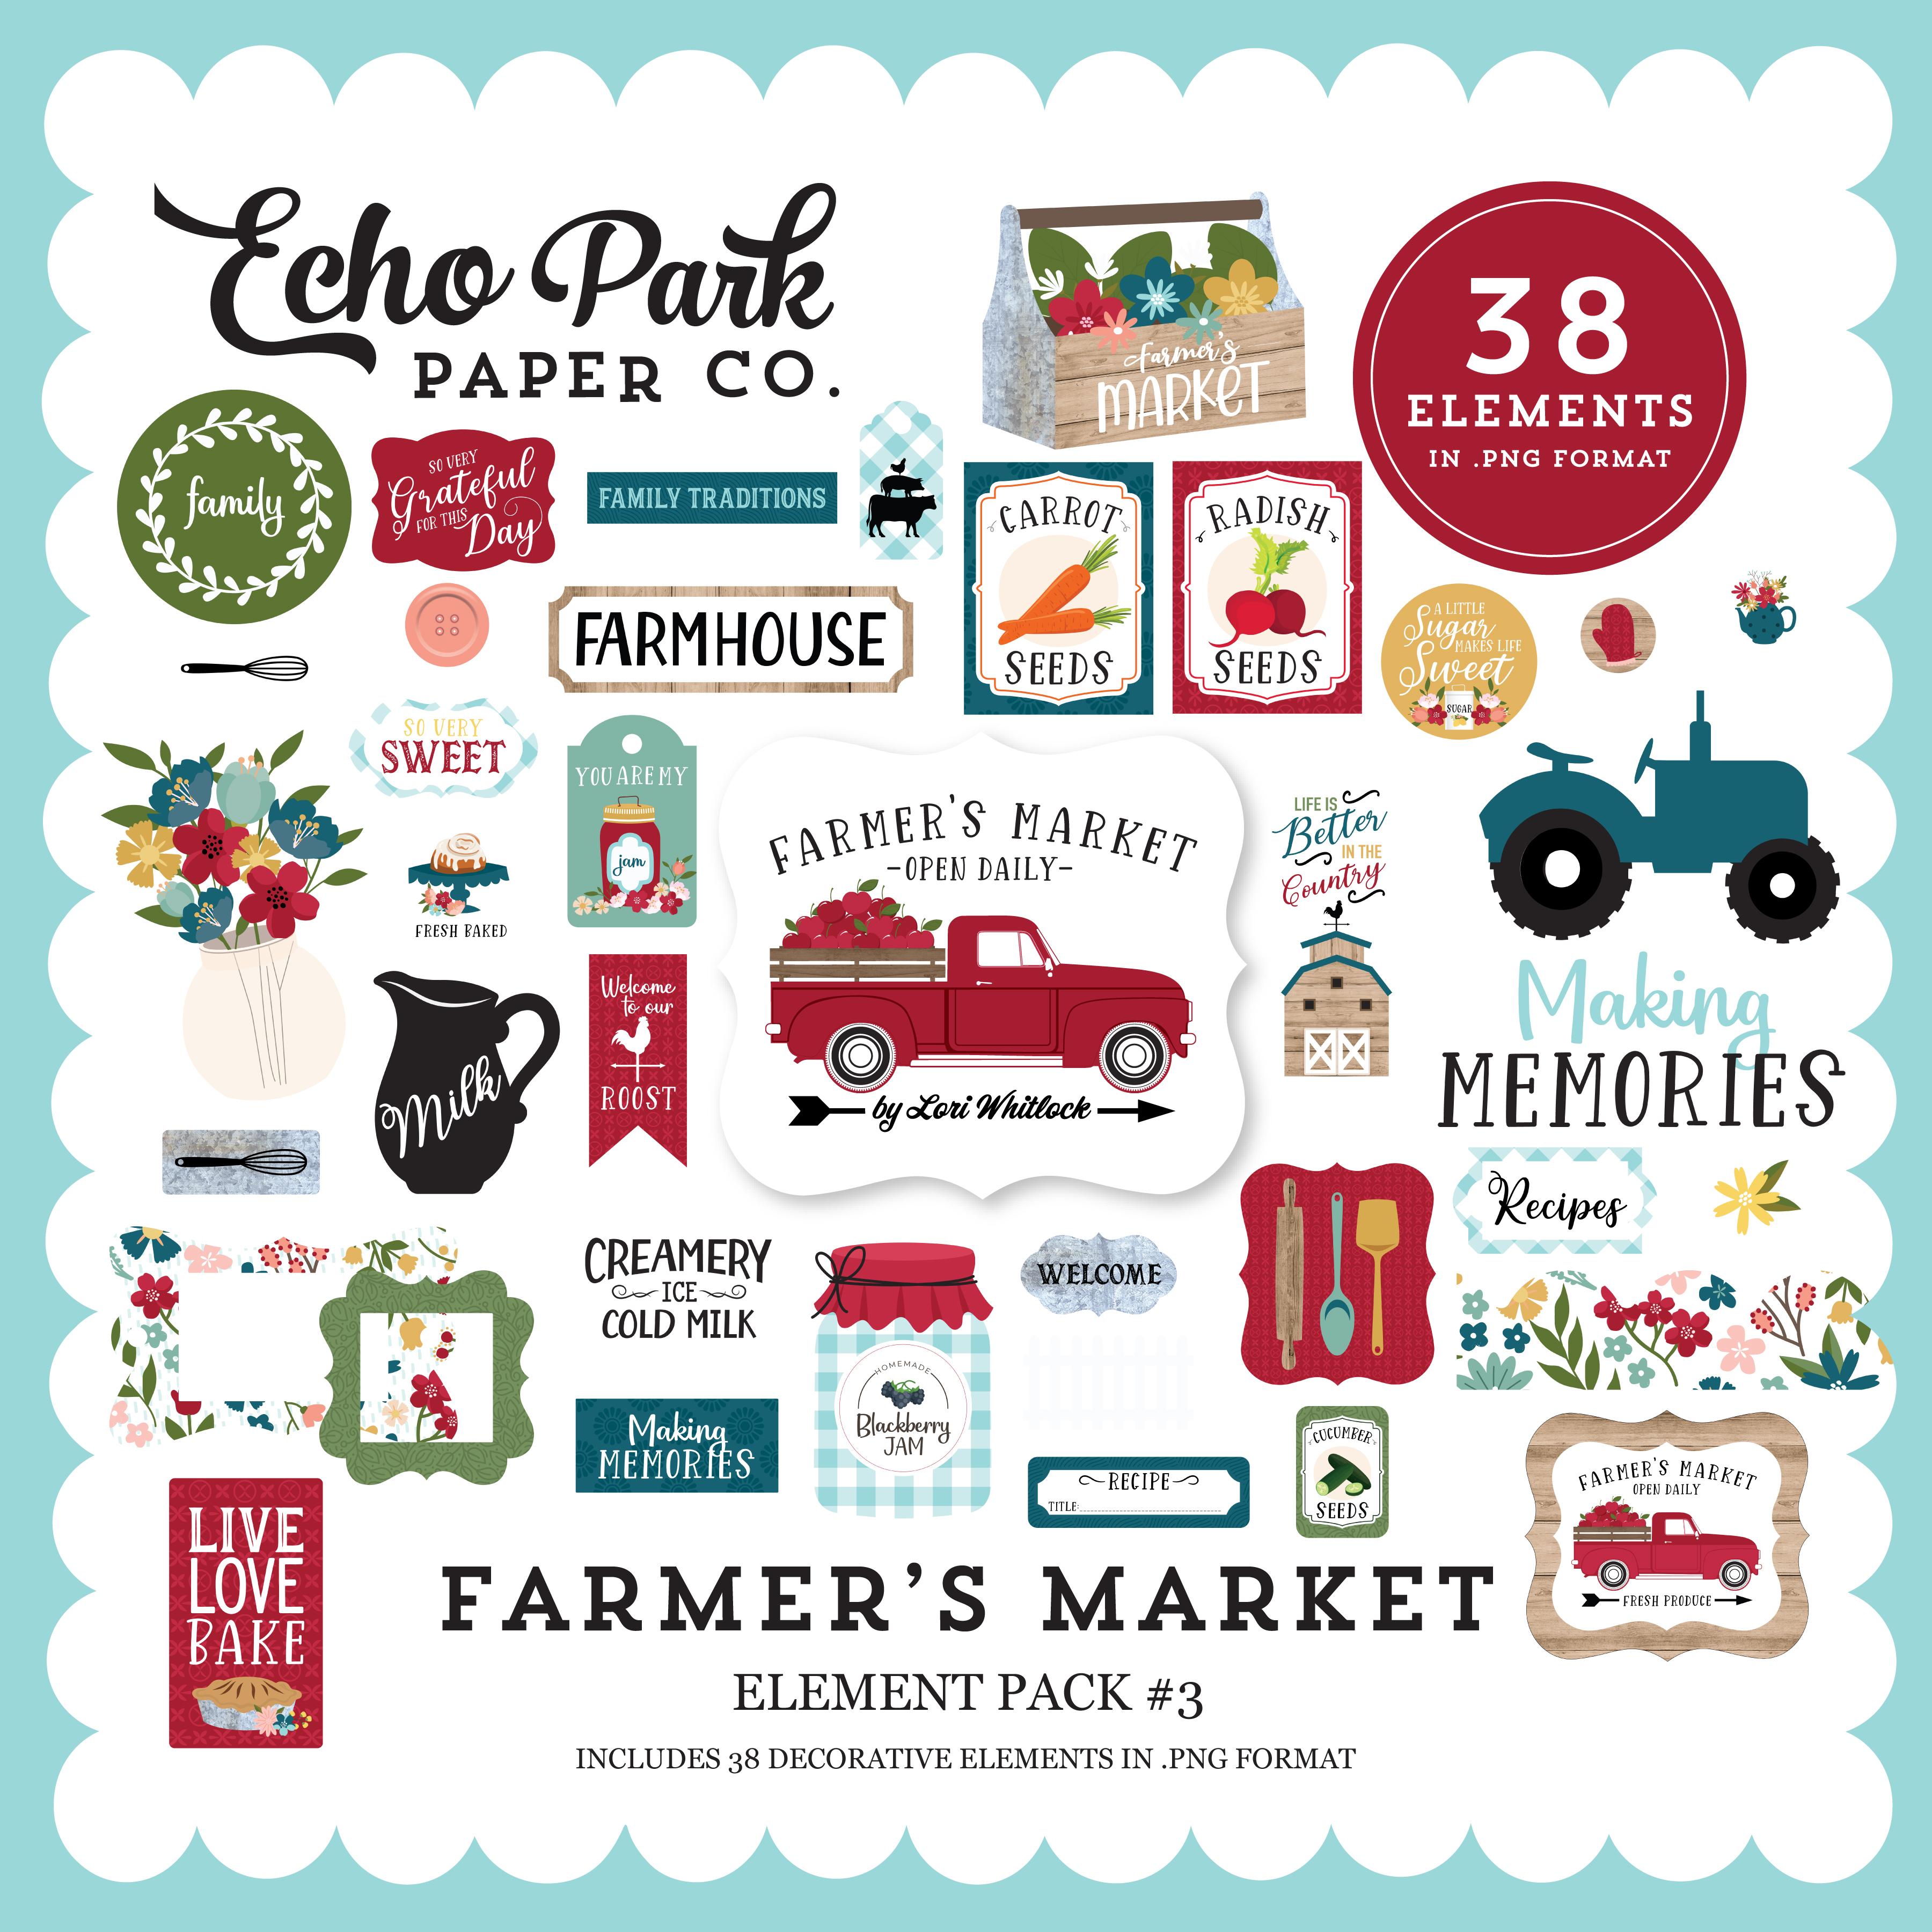 Farmer's Market Element Pack #3